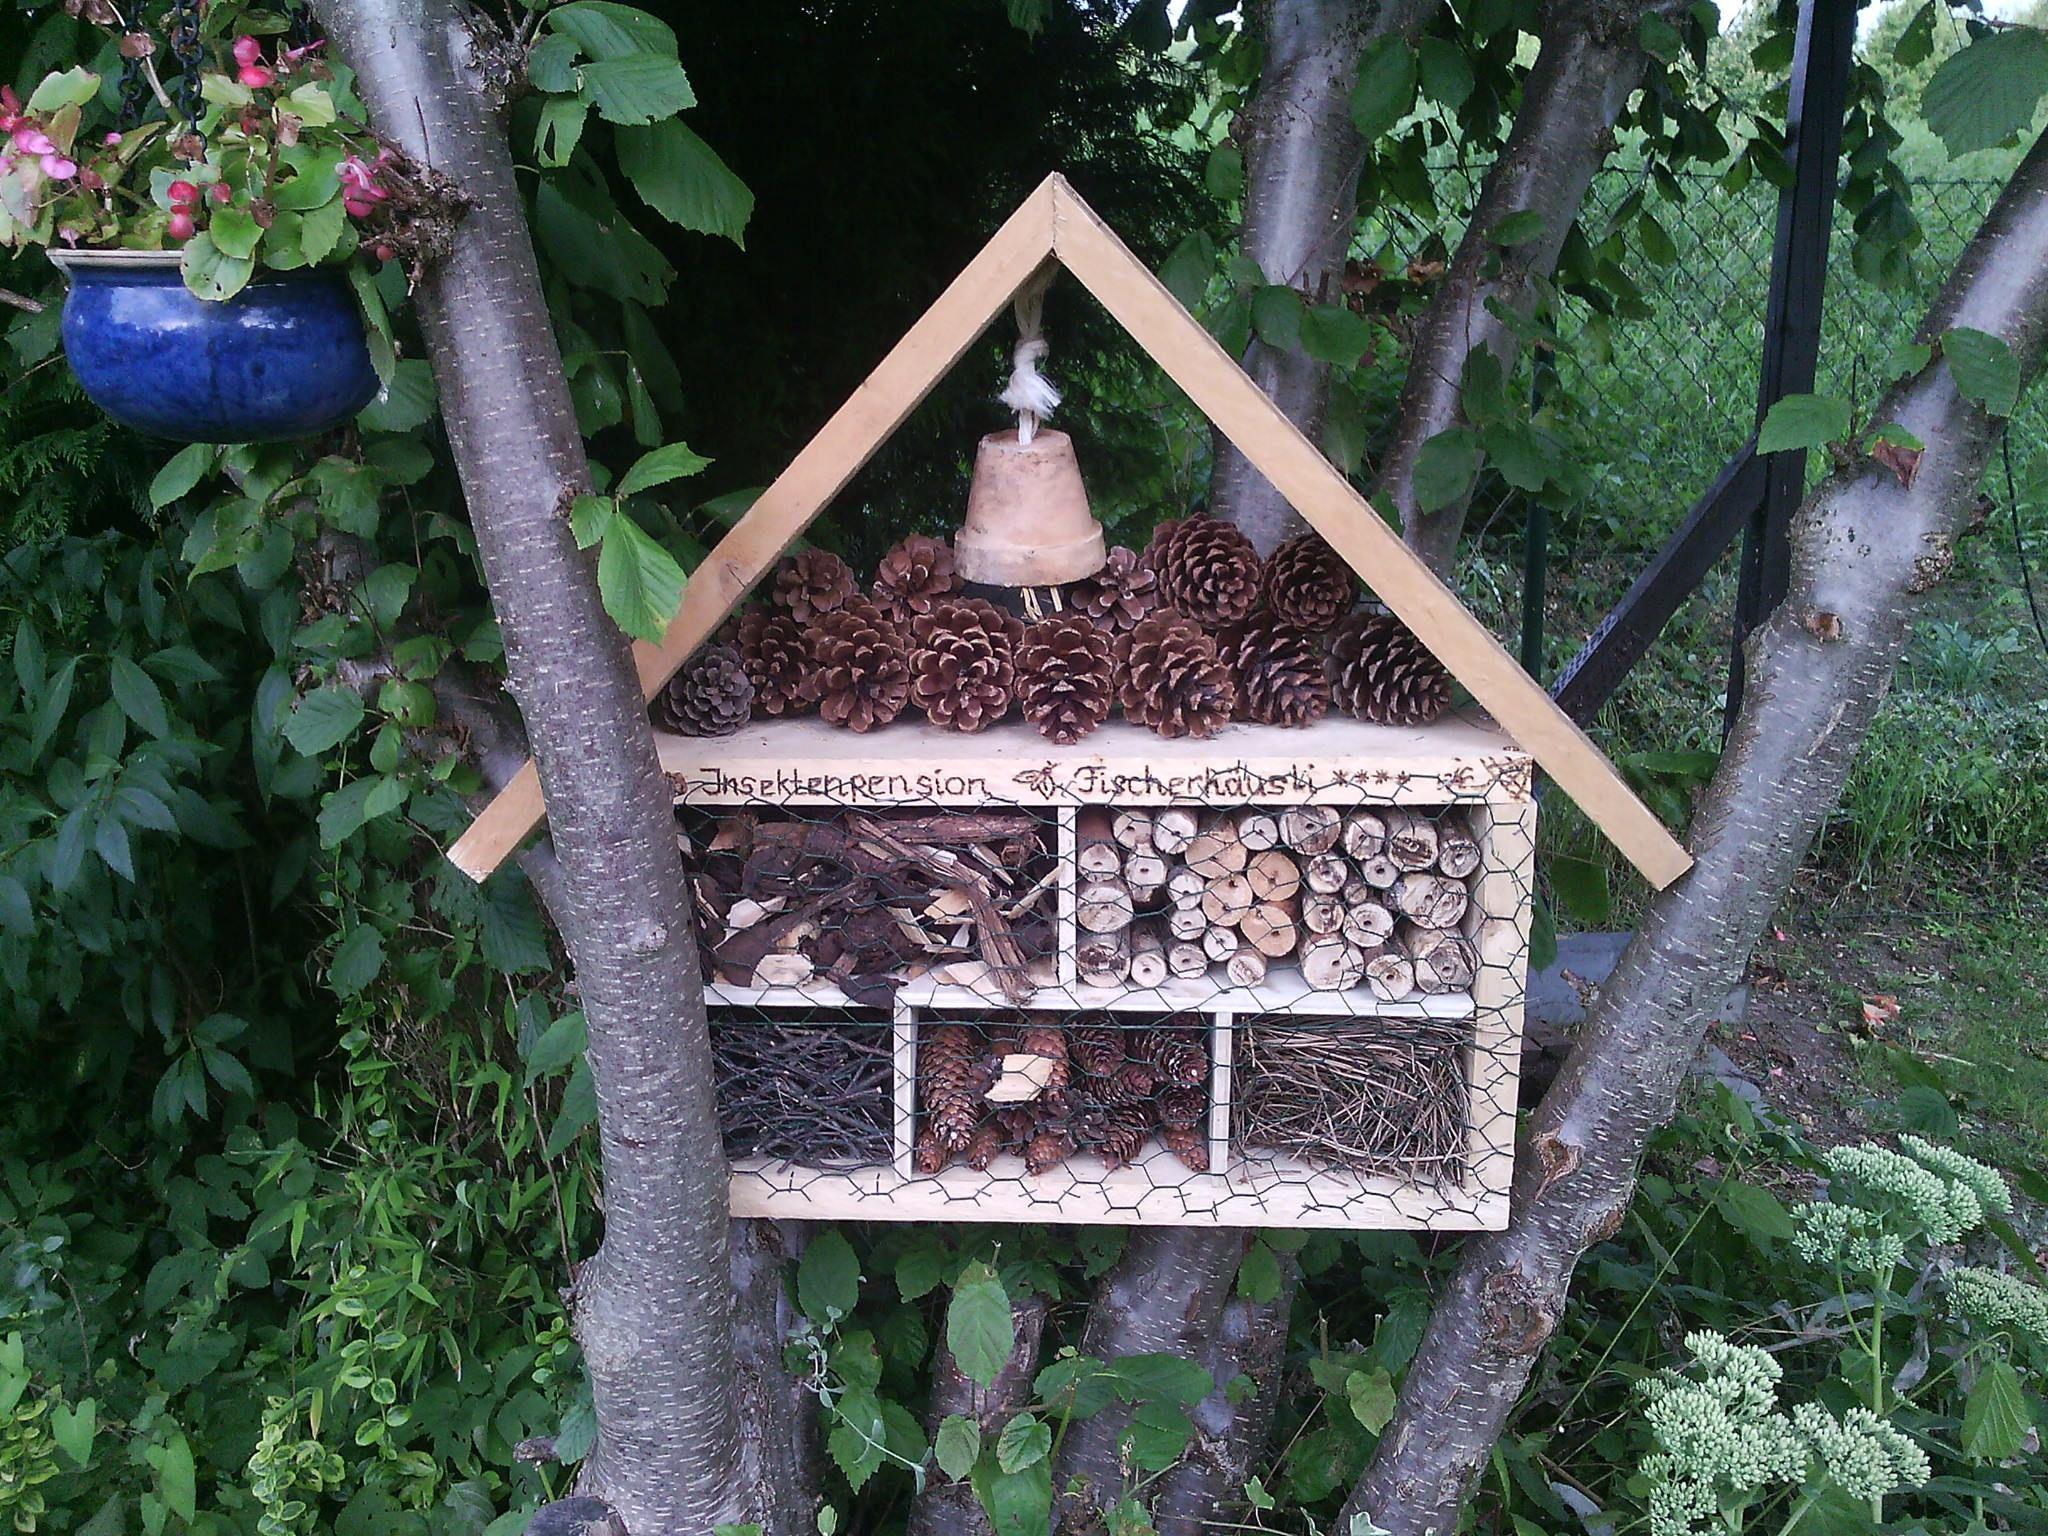 Handmade mal anders!  Hier haben wir eine Kleinigkeit zum Artenschutz beigetragen =) Kleines Insektenhotel - natürlich 4 Sterne - versteht sich von selbst, denn unseren Bewohnern soll es ja an nichts fehlen!